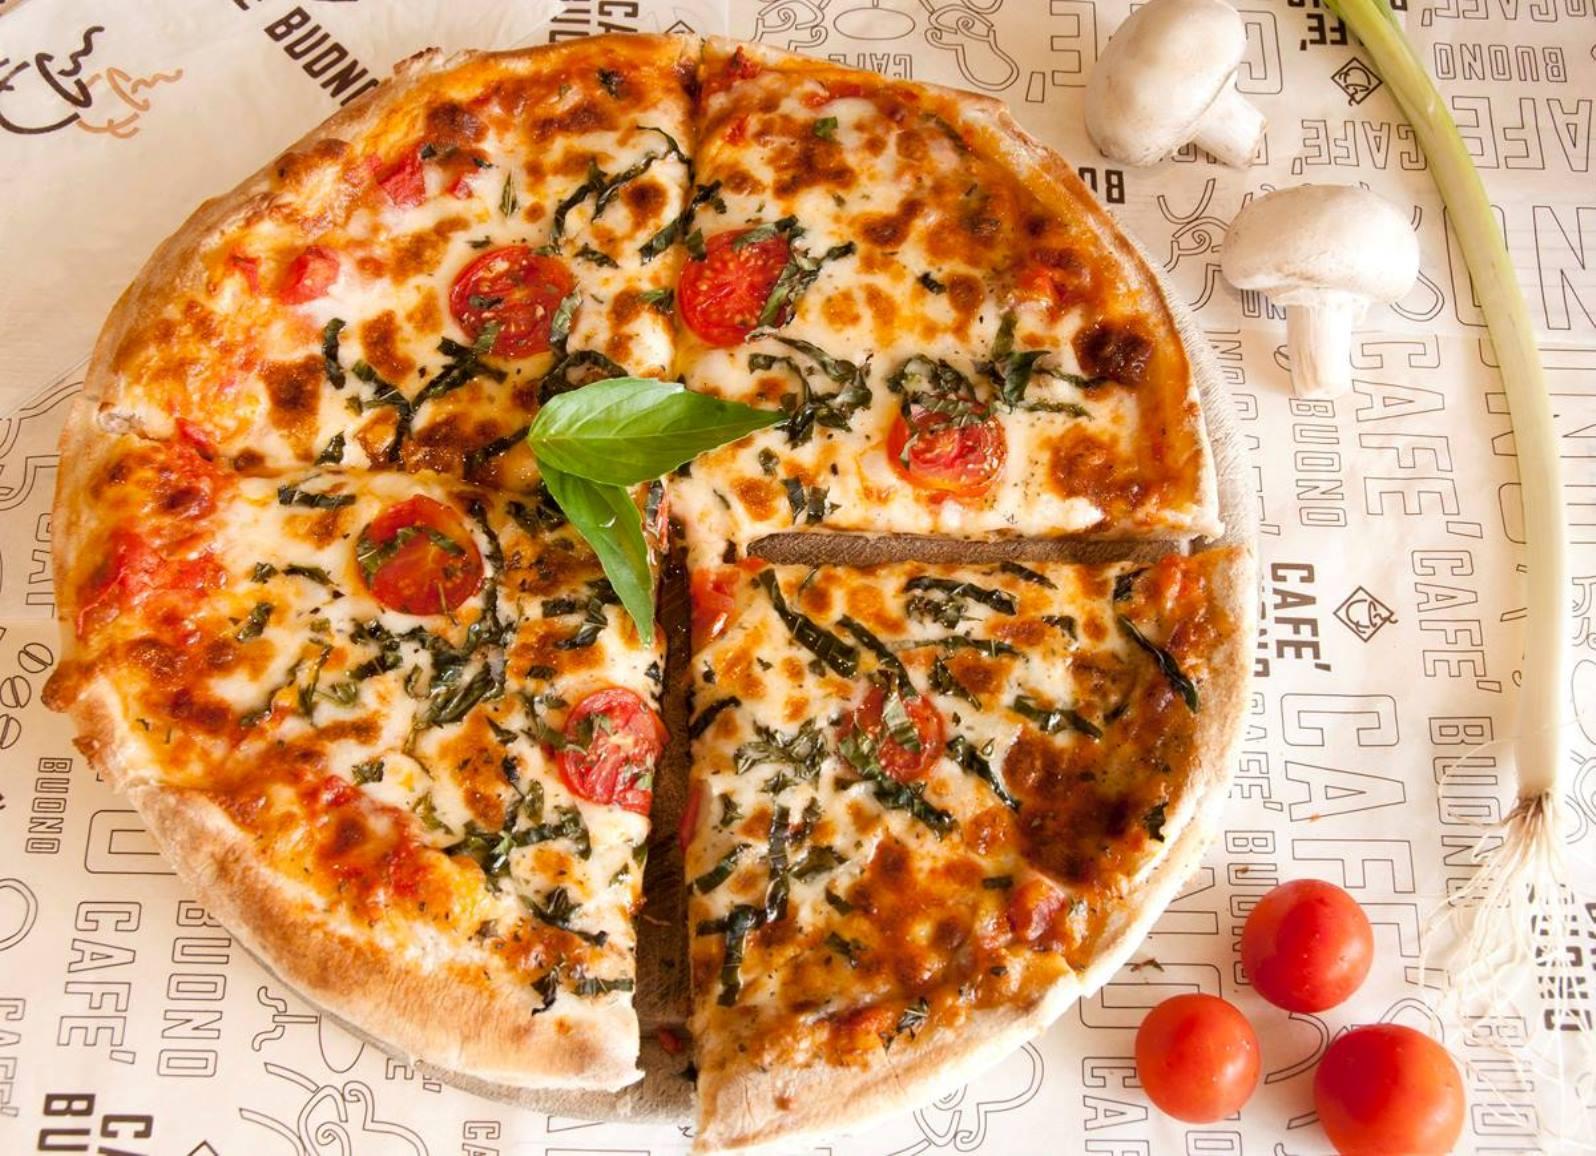 Pizza at Café Buono in Kadima. Photo by Rosie Niv